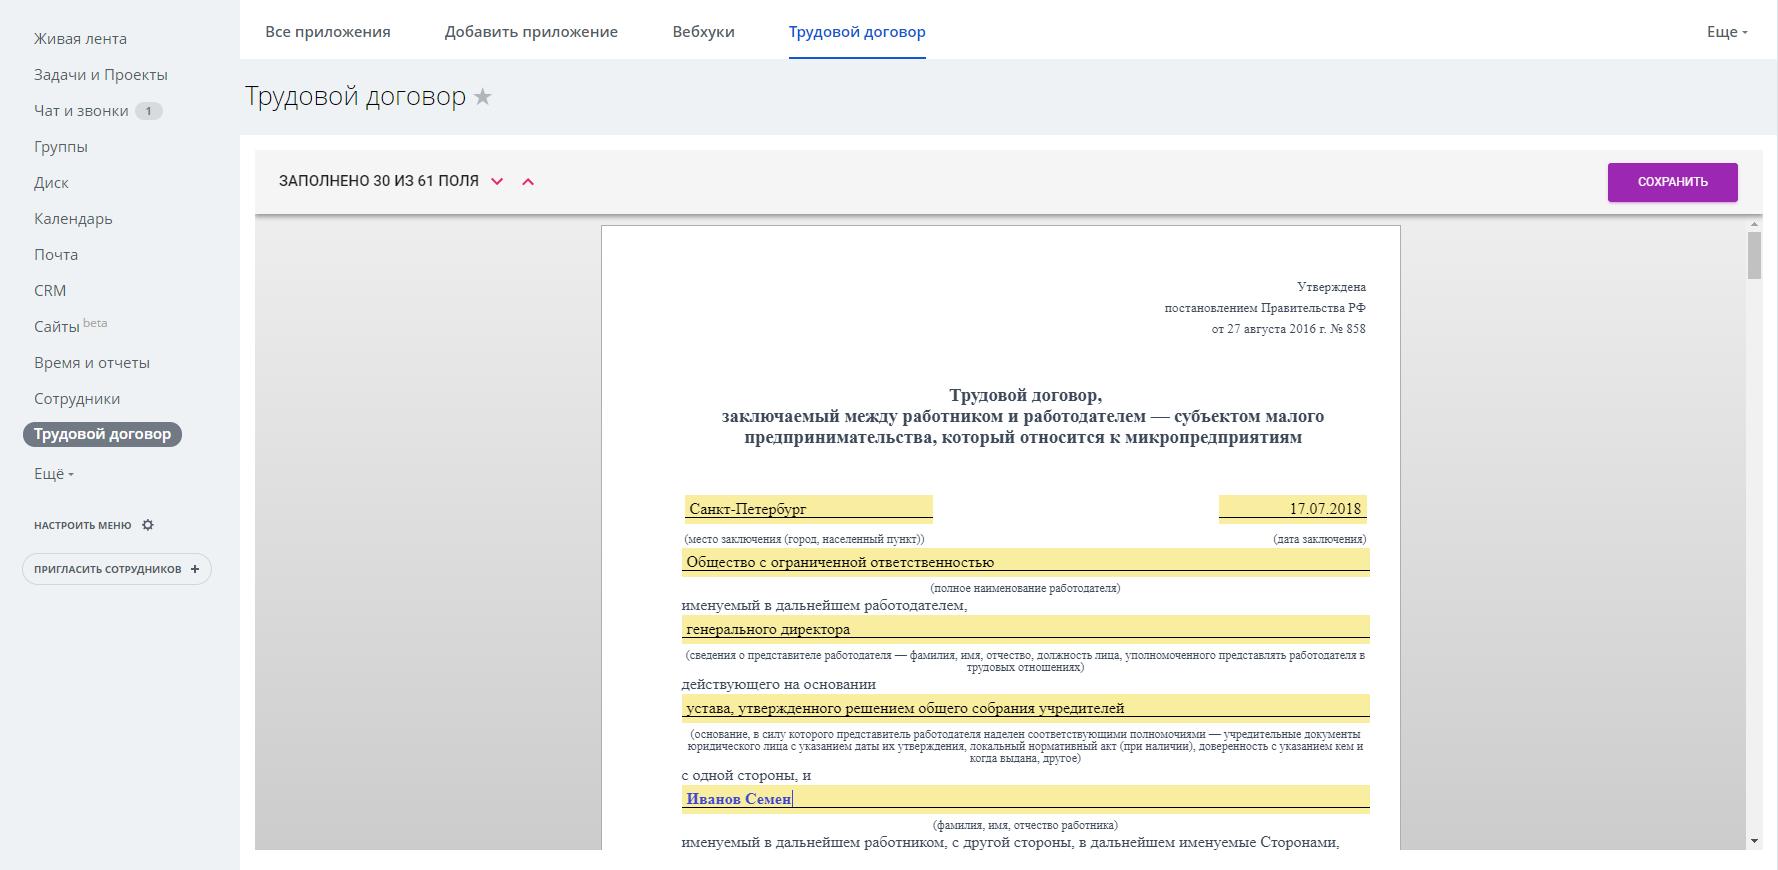 Договор с 1с битрикс добавление инфоблоков в битрикс